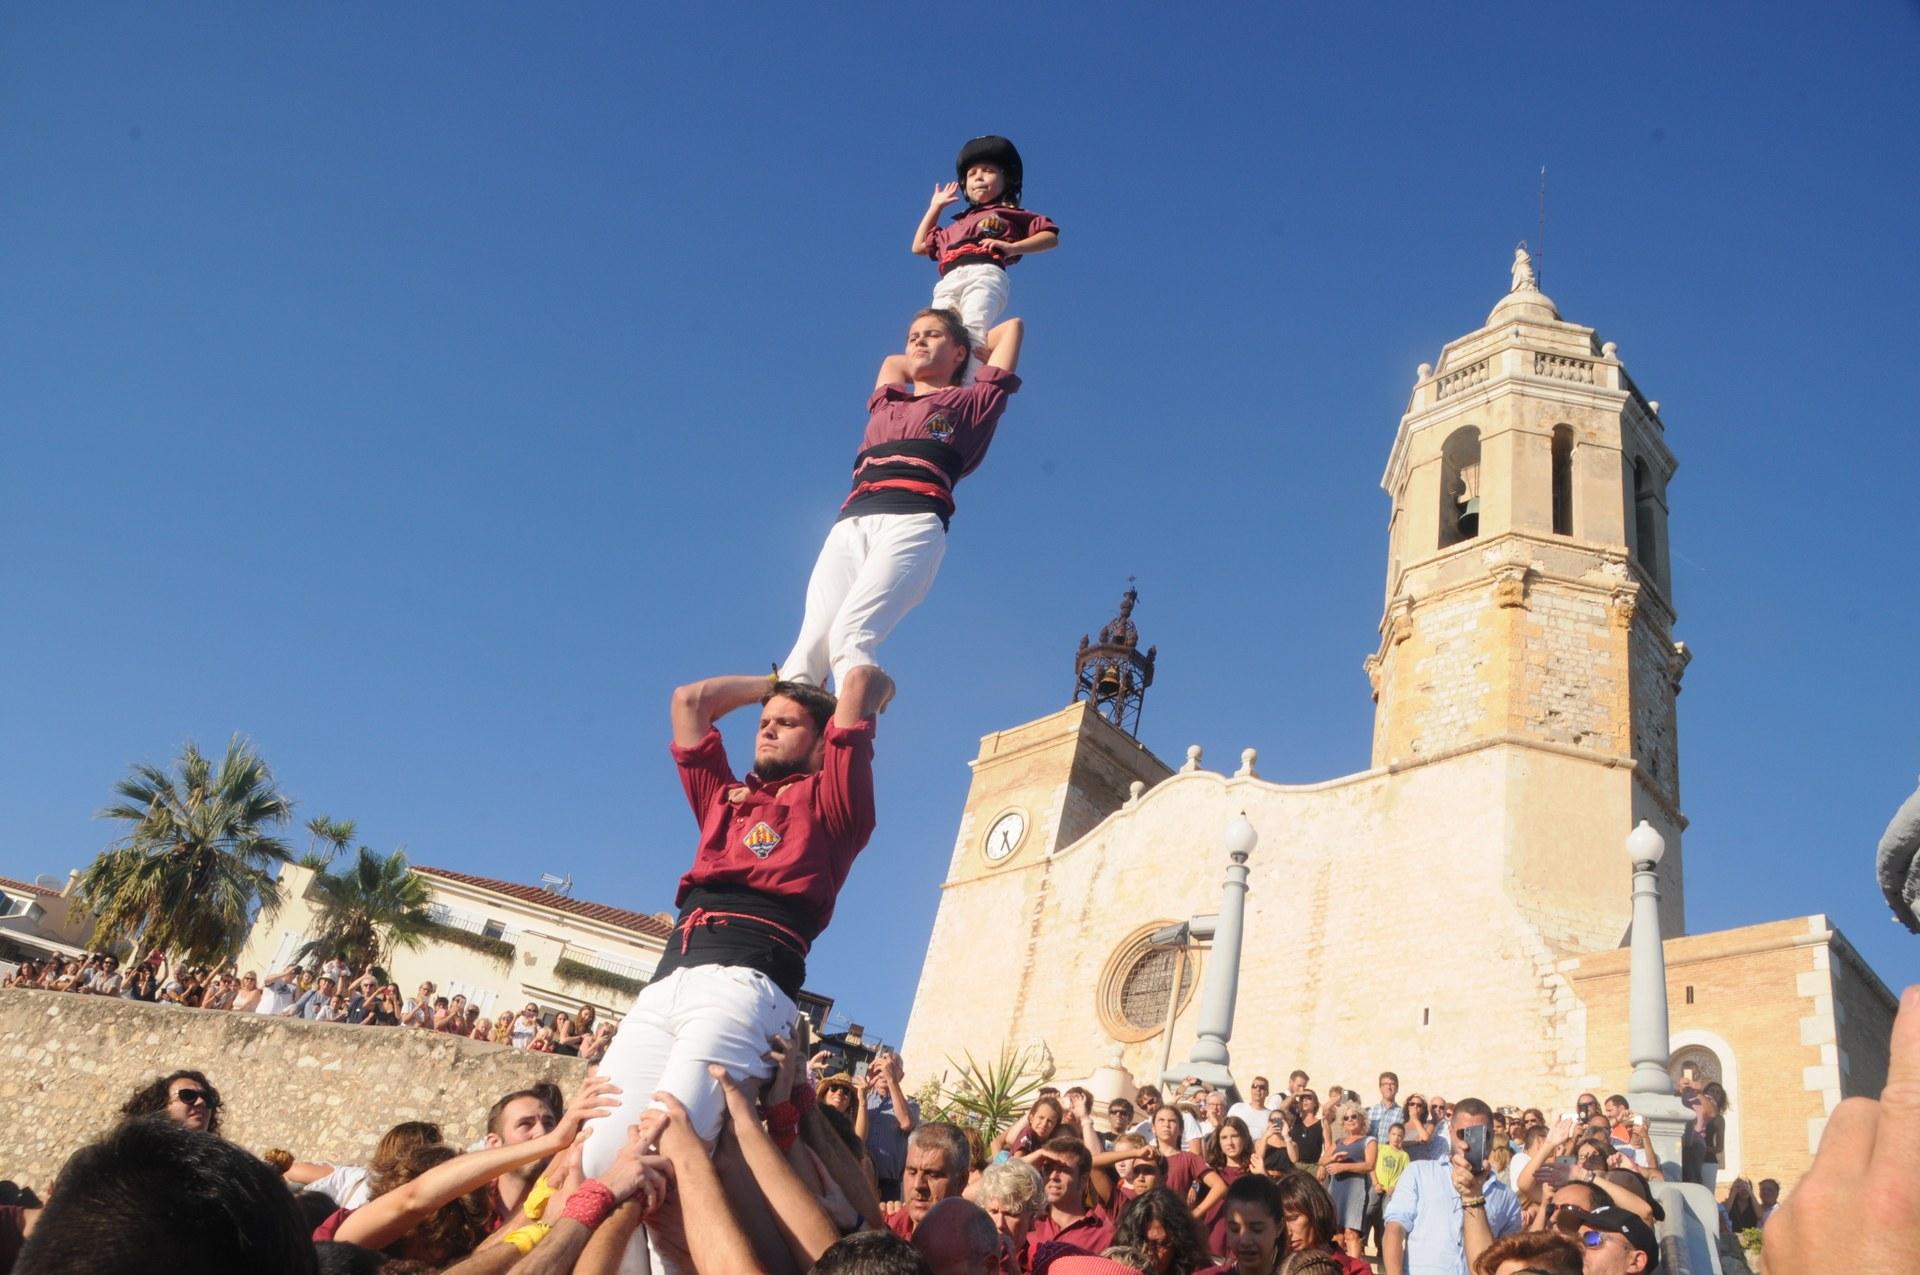 Pujada i Baixada del Pilar de la Jove de Sitges